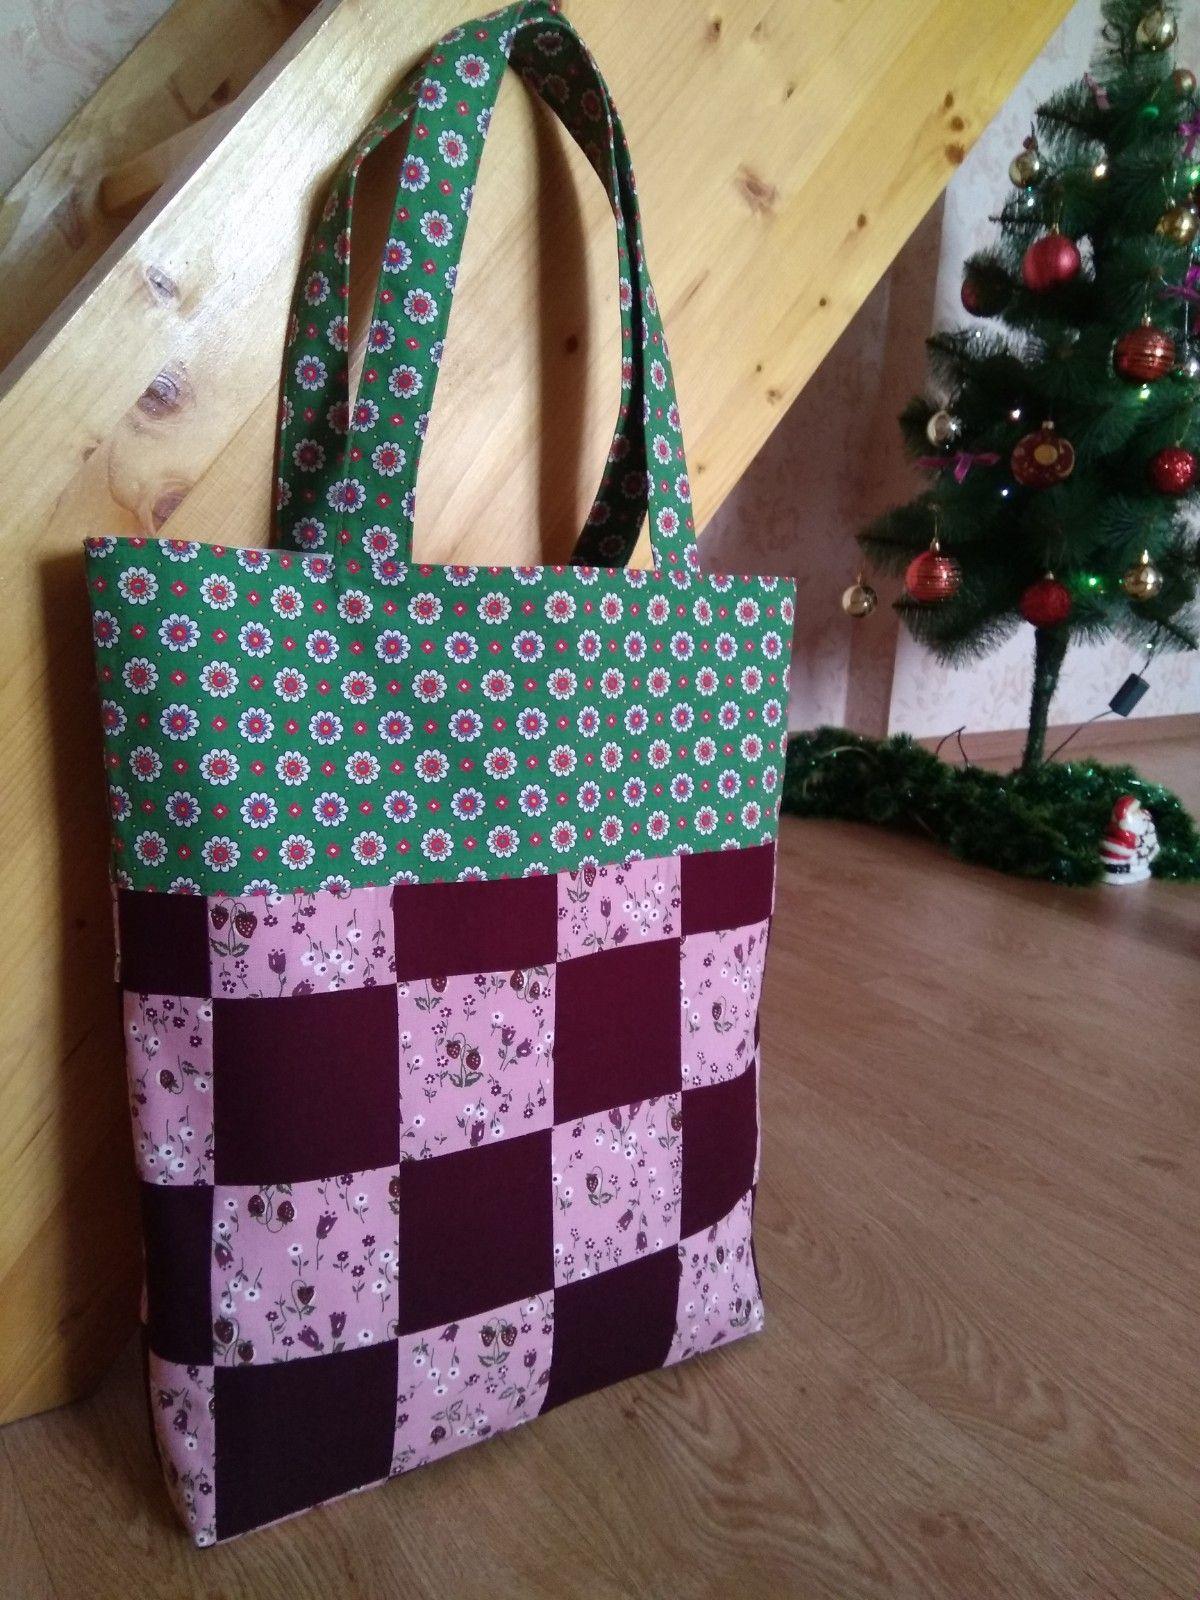 3f6c0f2e4fba Эко-сумка из натурального хлопка, текстильная сумка